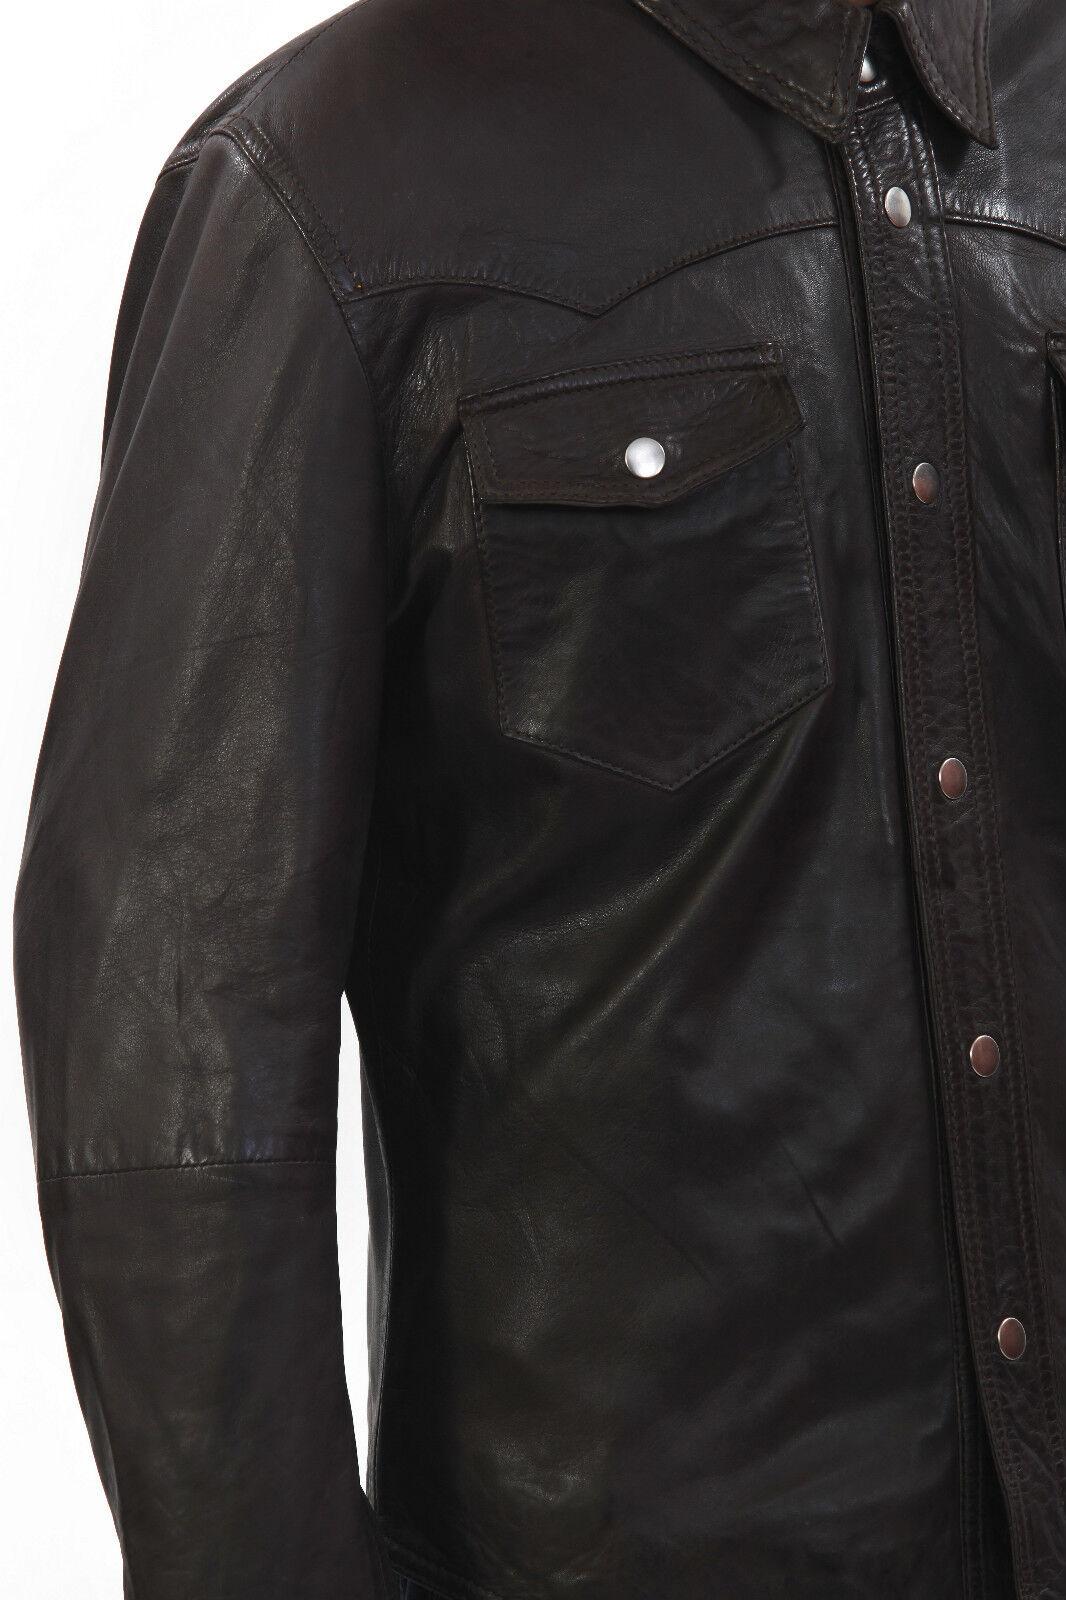 Camicia tessuto in puro cotone collo classico uomo misura 40 tessuto Camicia facile stiro 2 capi 2f4c3d